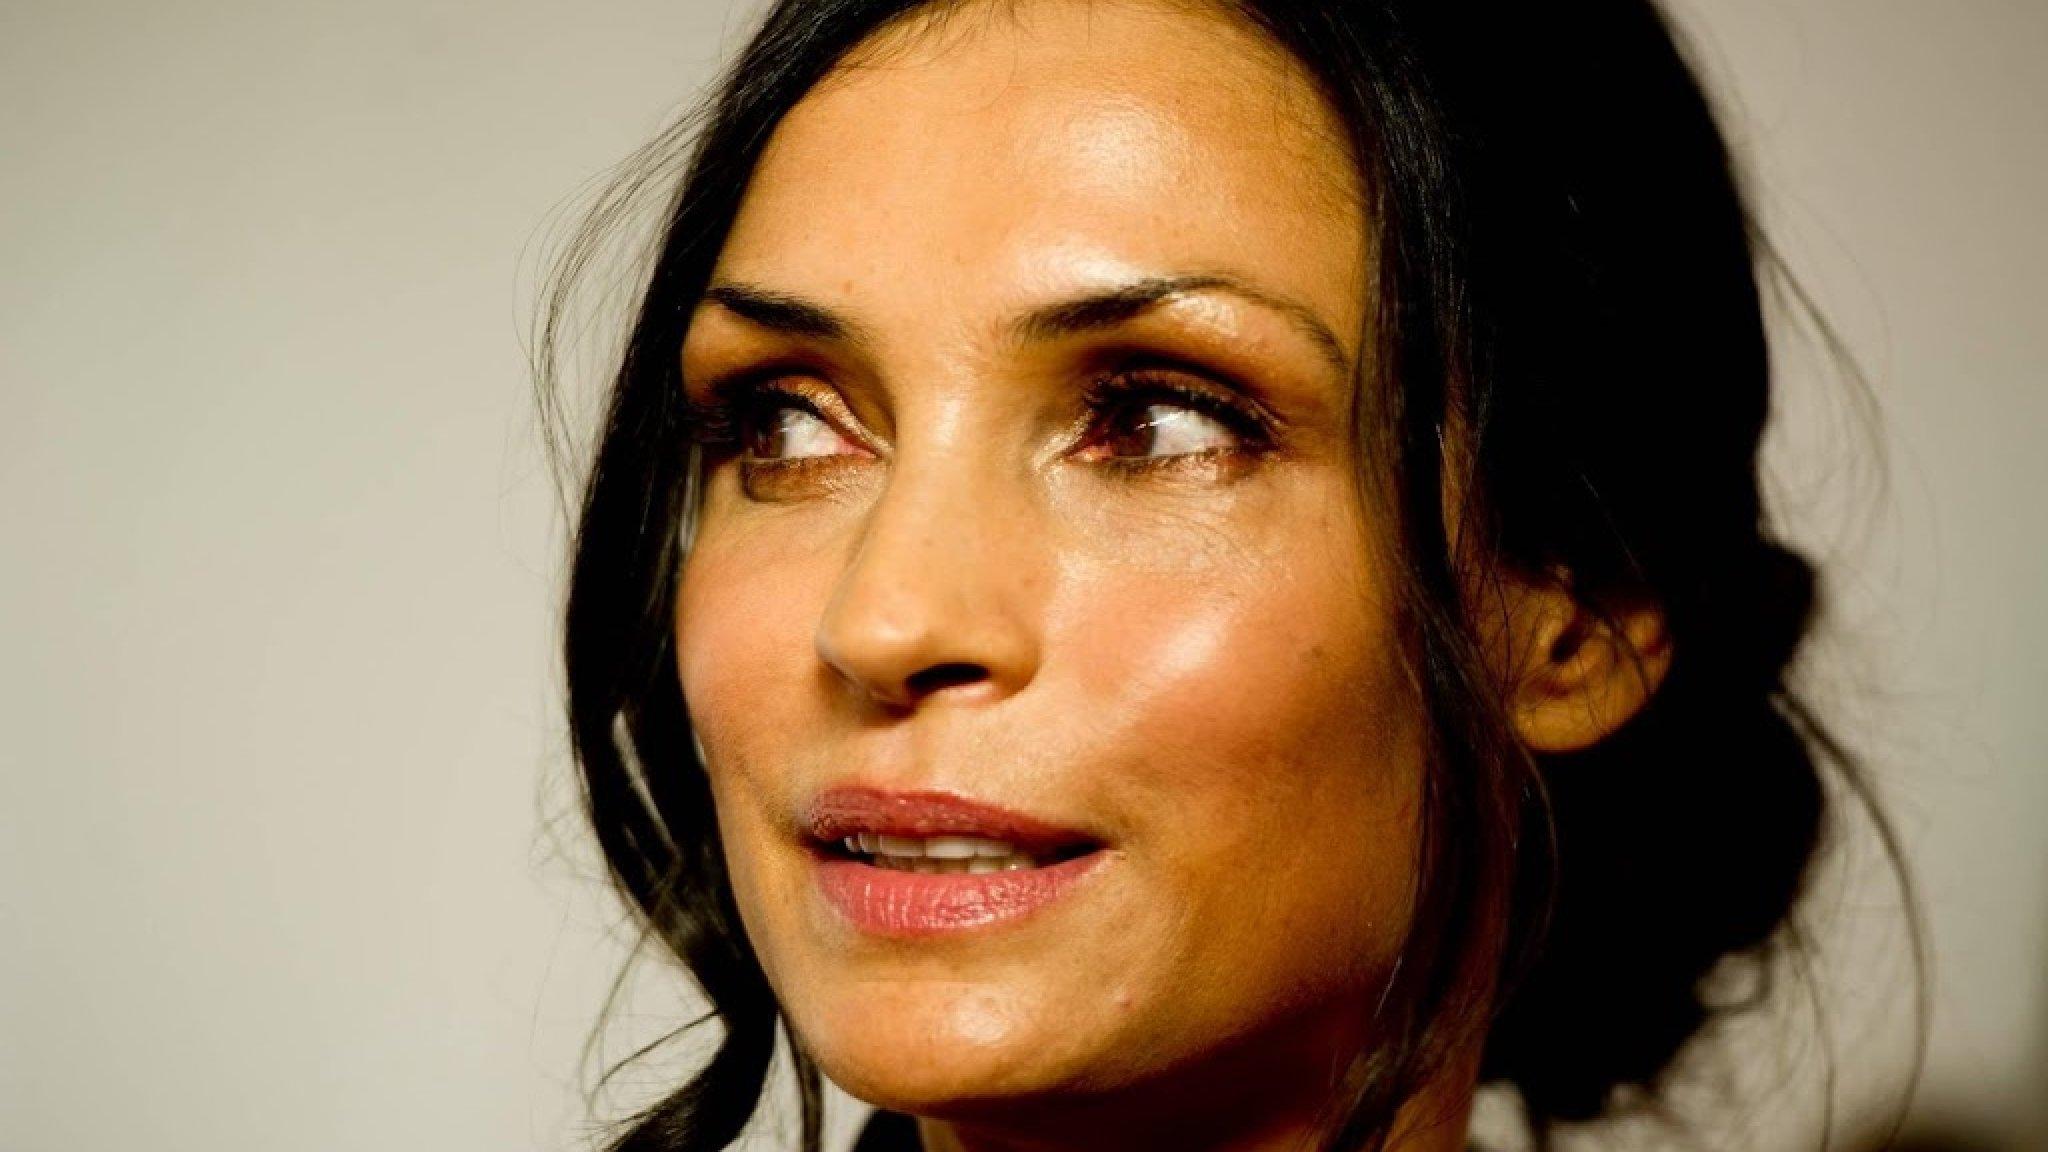 Nederlandse actrice Famke Janssen gaat regisseren | De Morgen